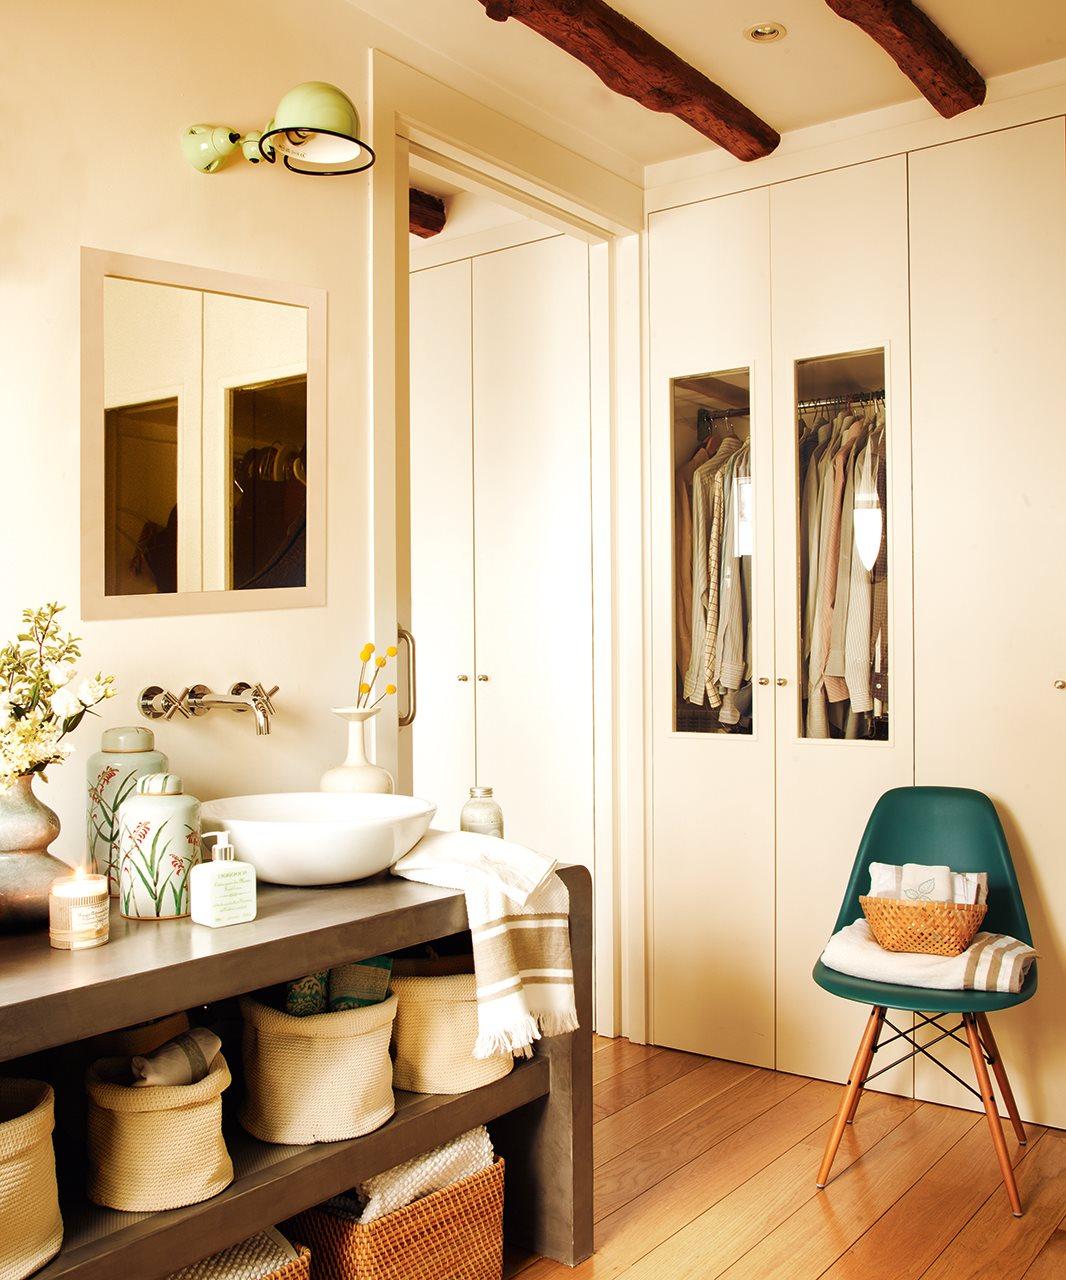 Baño Abierto Al Vestidor:Anterior Un baño abierto al dormitorio y al vestidor Con vestidor y